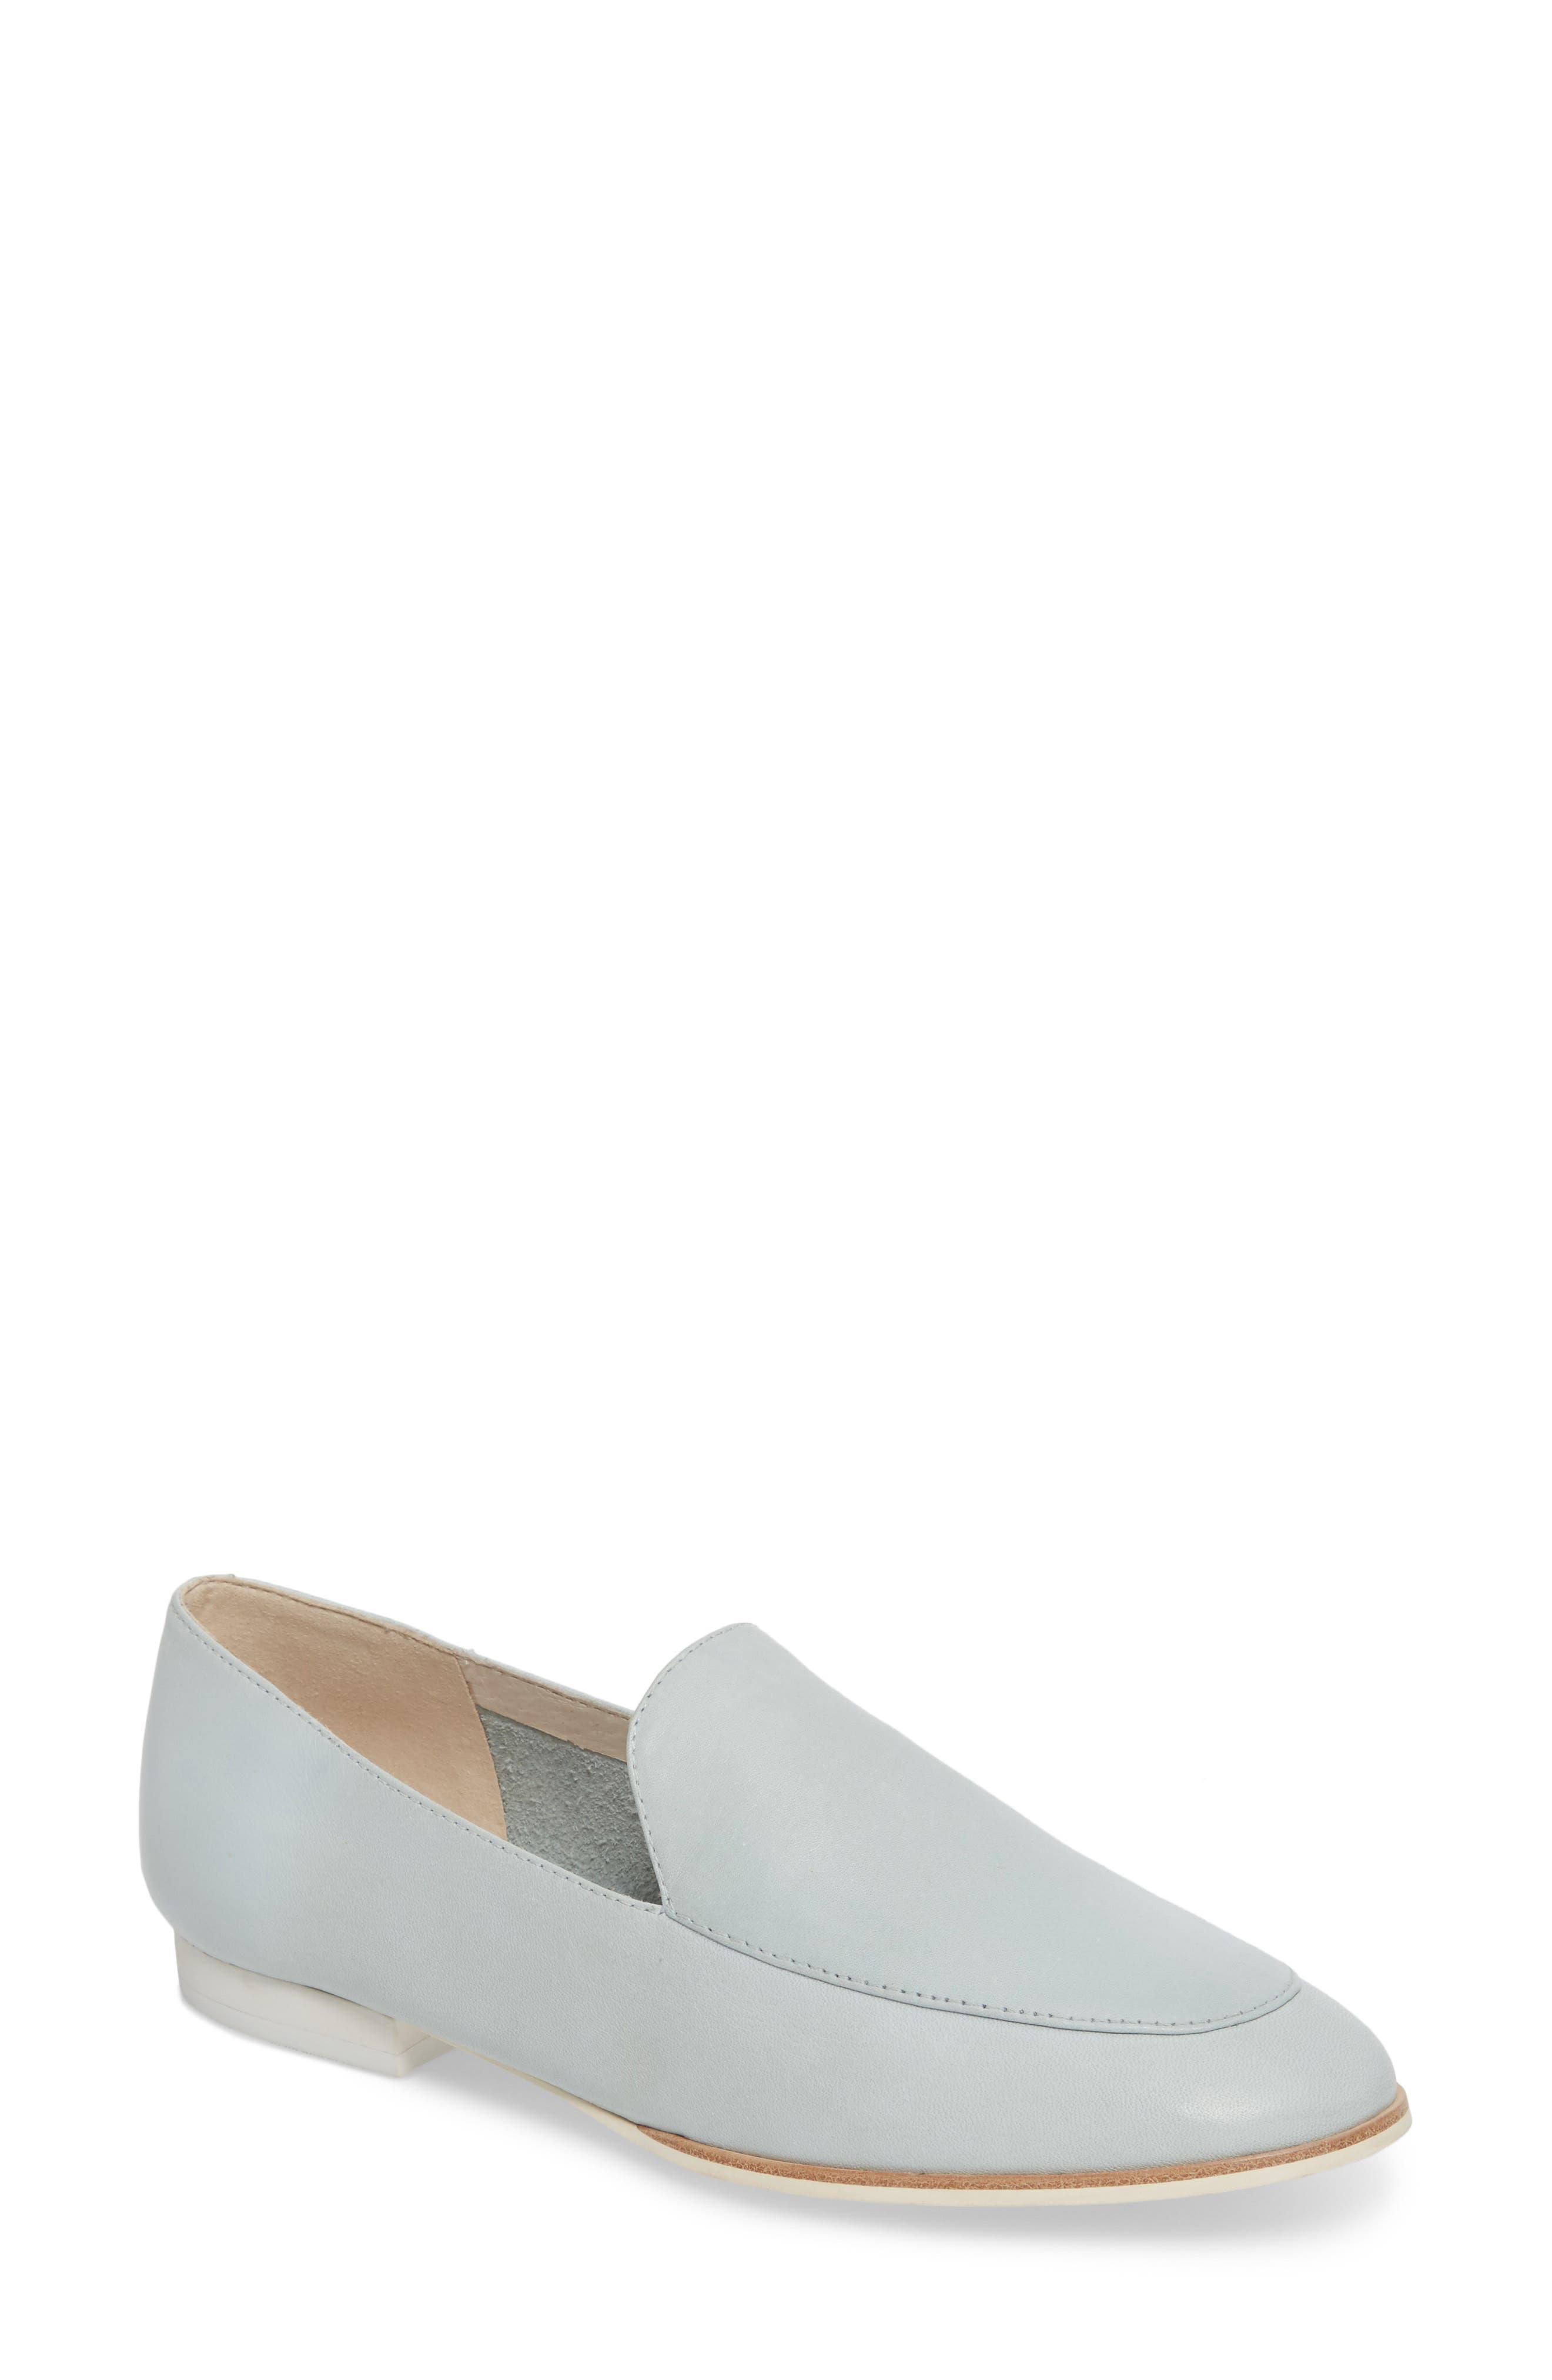 Westley Welt Loafer,                         Main,                         color, Robins Egg Leather